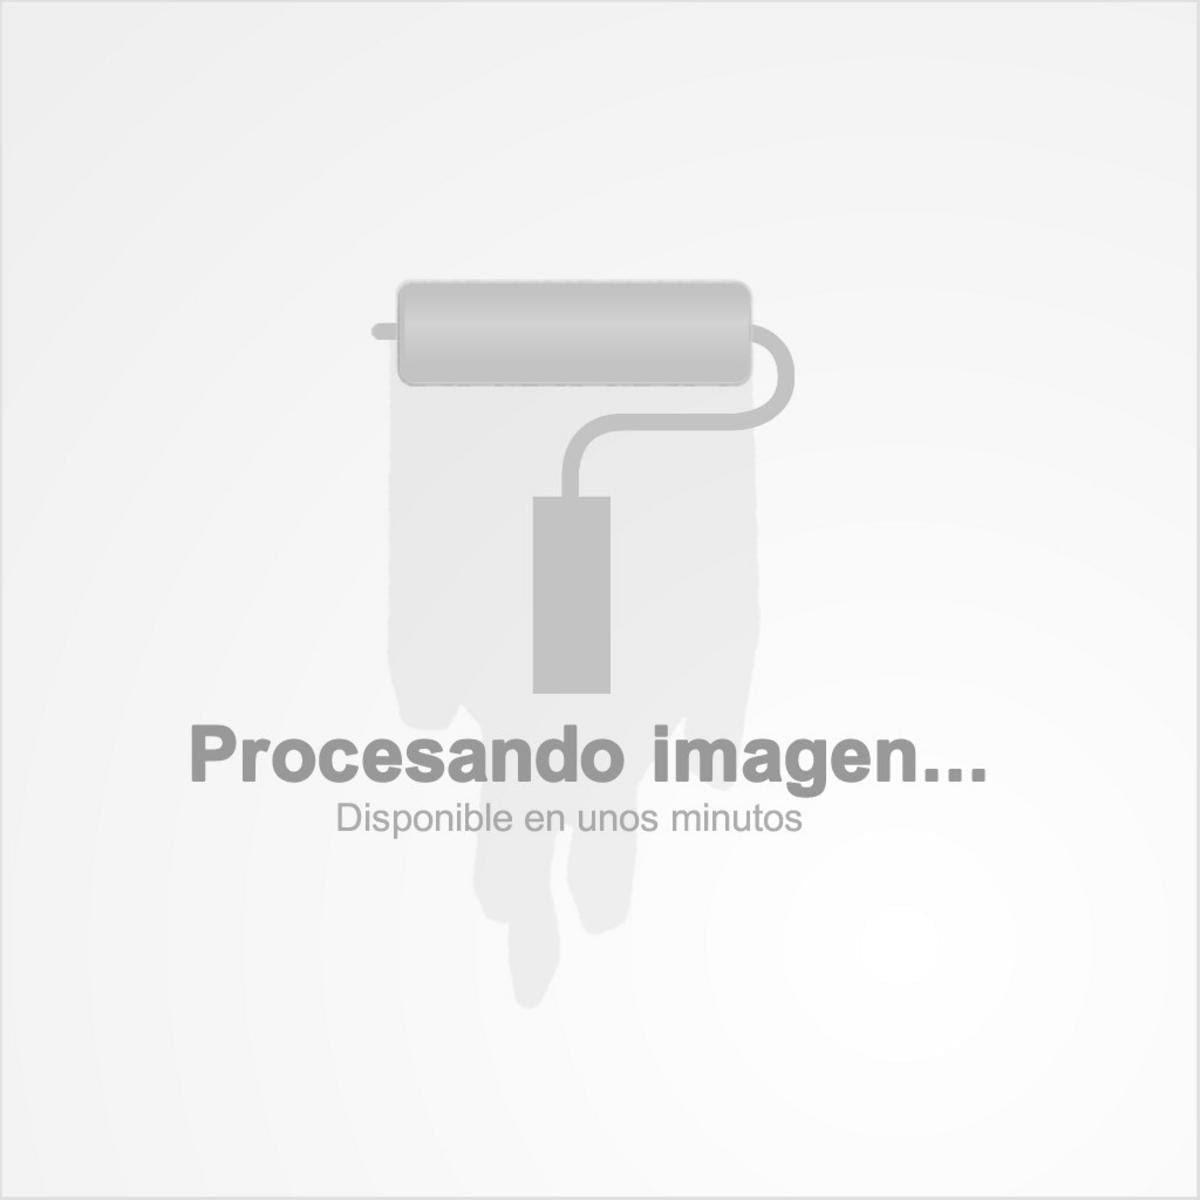 Tangos, Álbum Nº 2